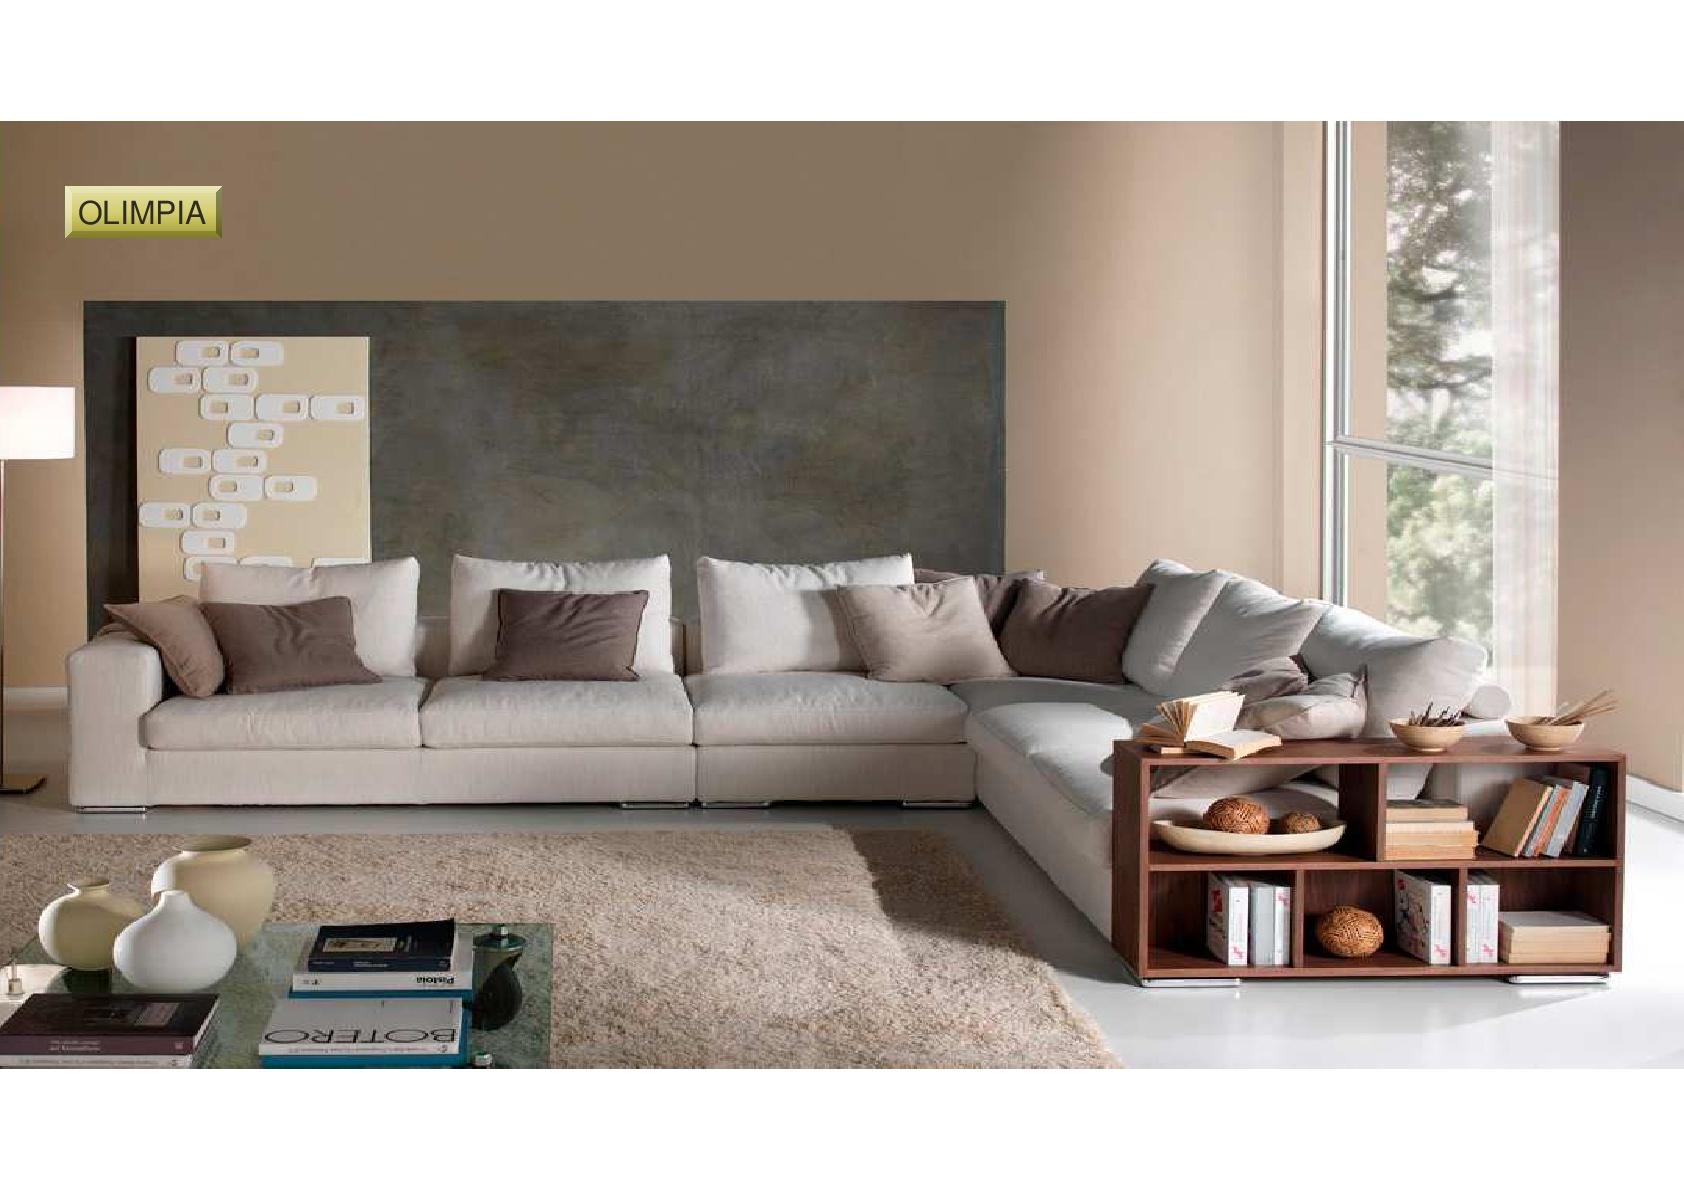 Come decorare un soggiorno moderno. Come Arredare Il Soggiorno Con Mobili In Stile Moderno Gm 10 Service